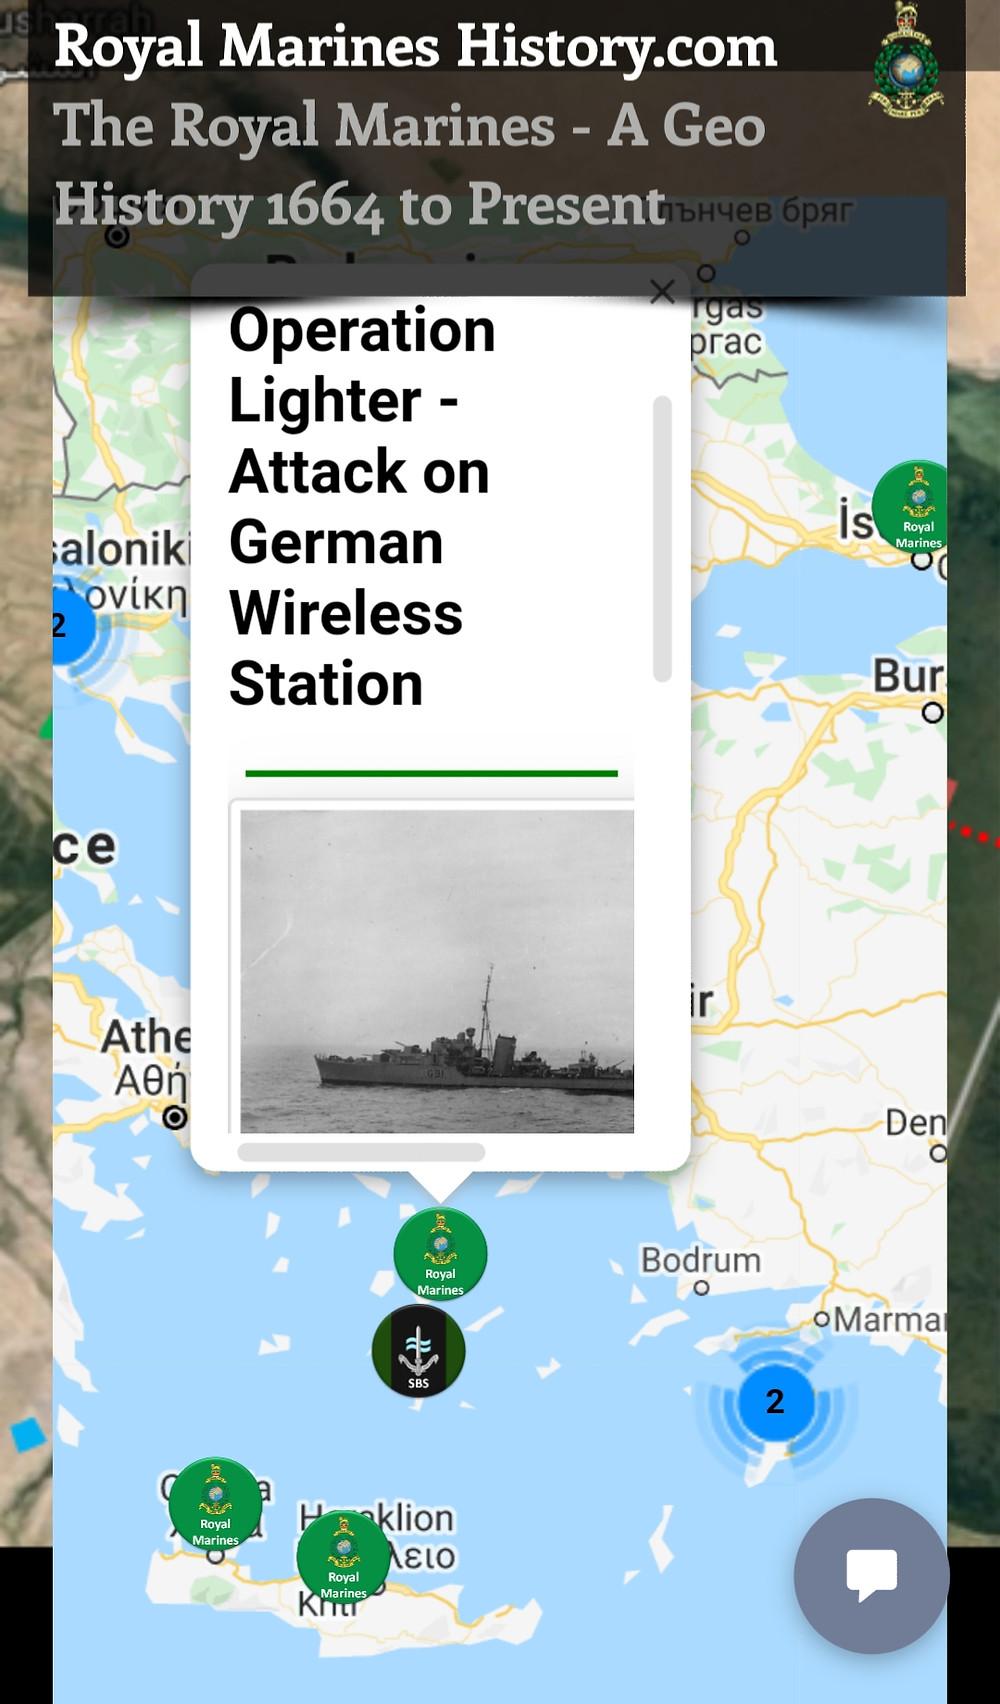 Royal Marines Operation Lighter